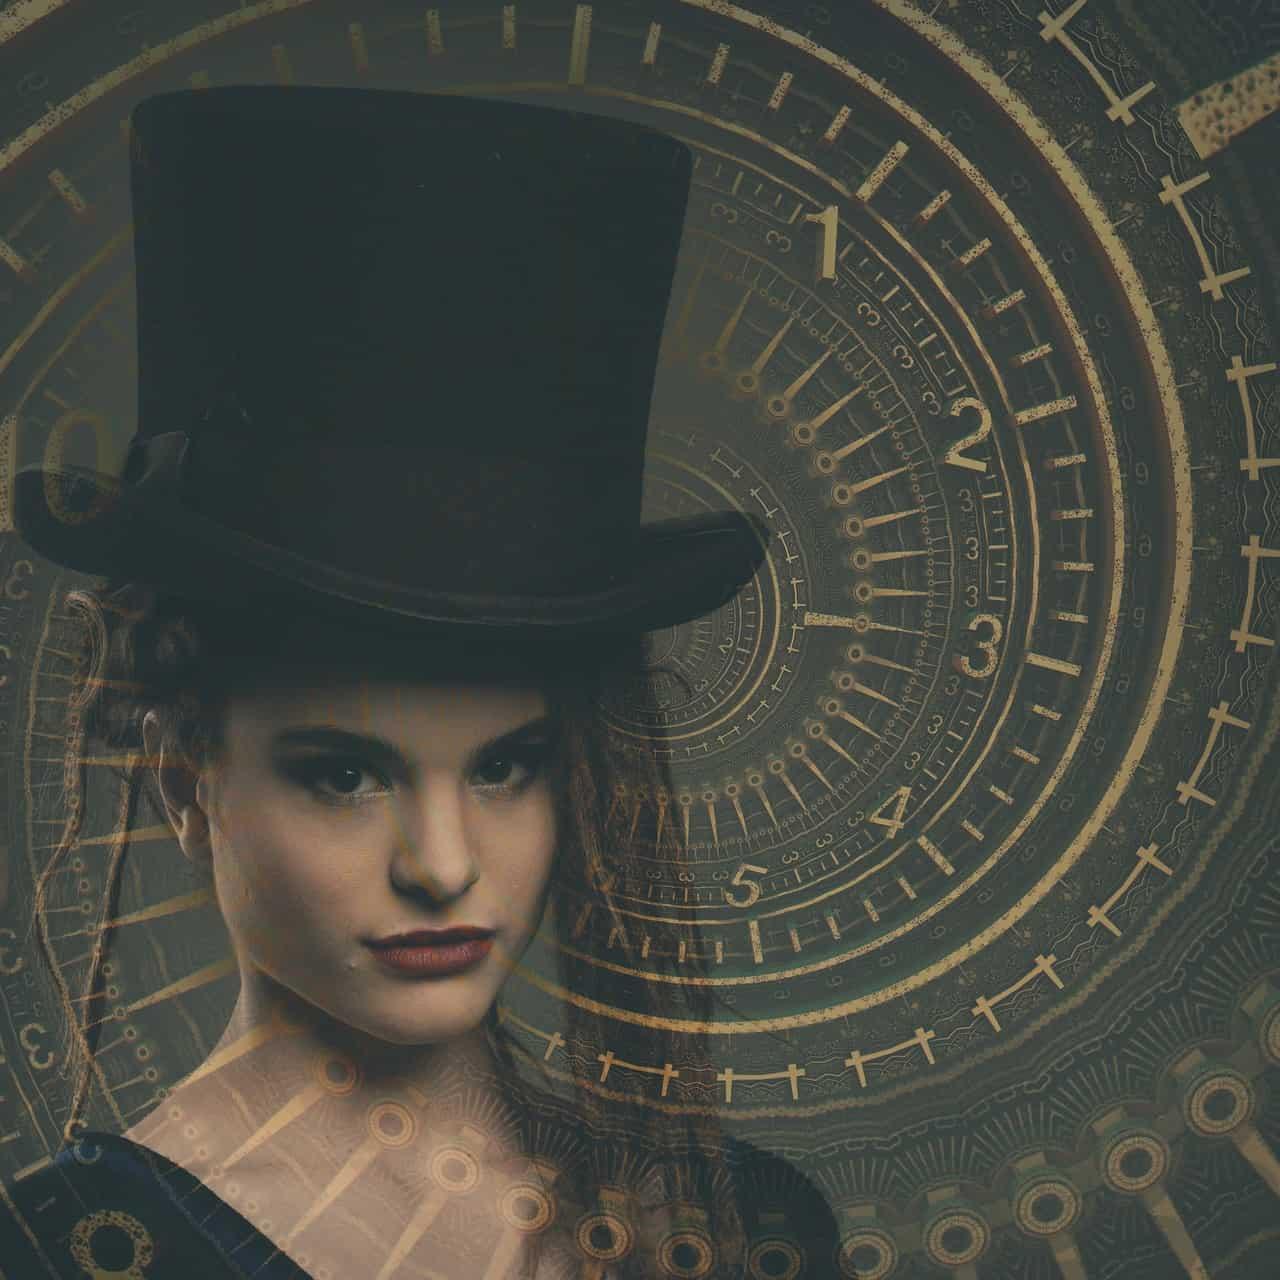 אישה עם כובע קוסמים על רקע מחוגי זמן